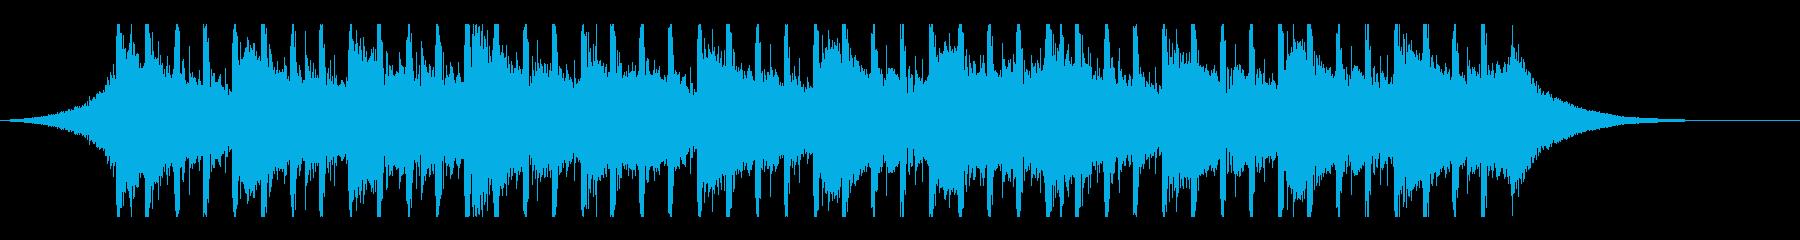 企業業績(30秒)の再生済みの波形